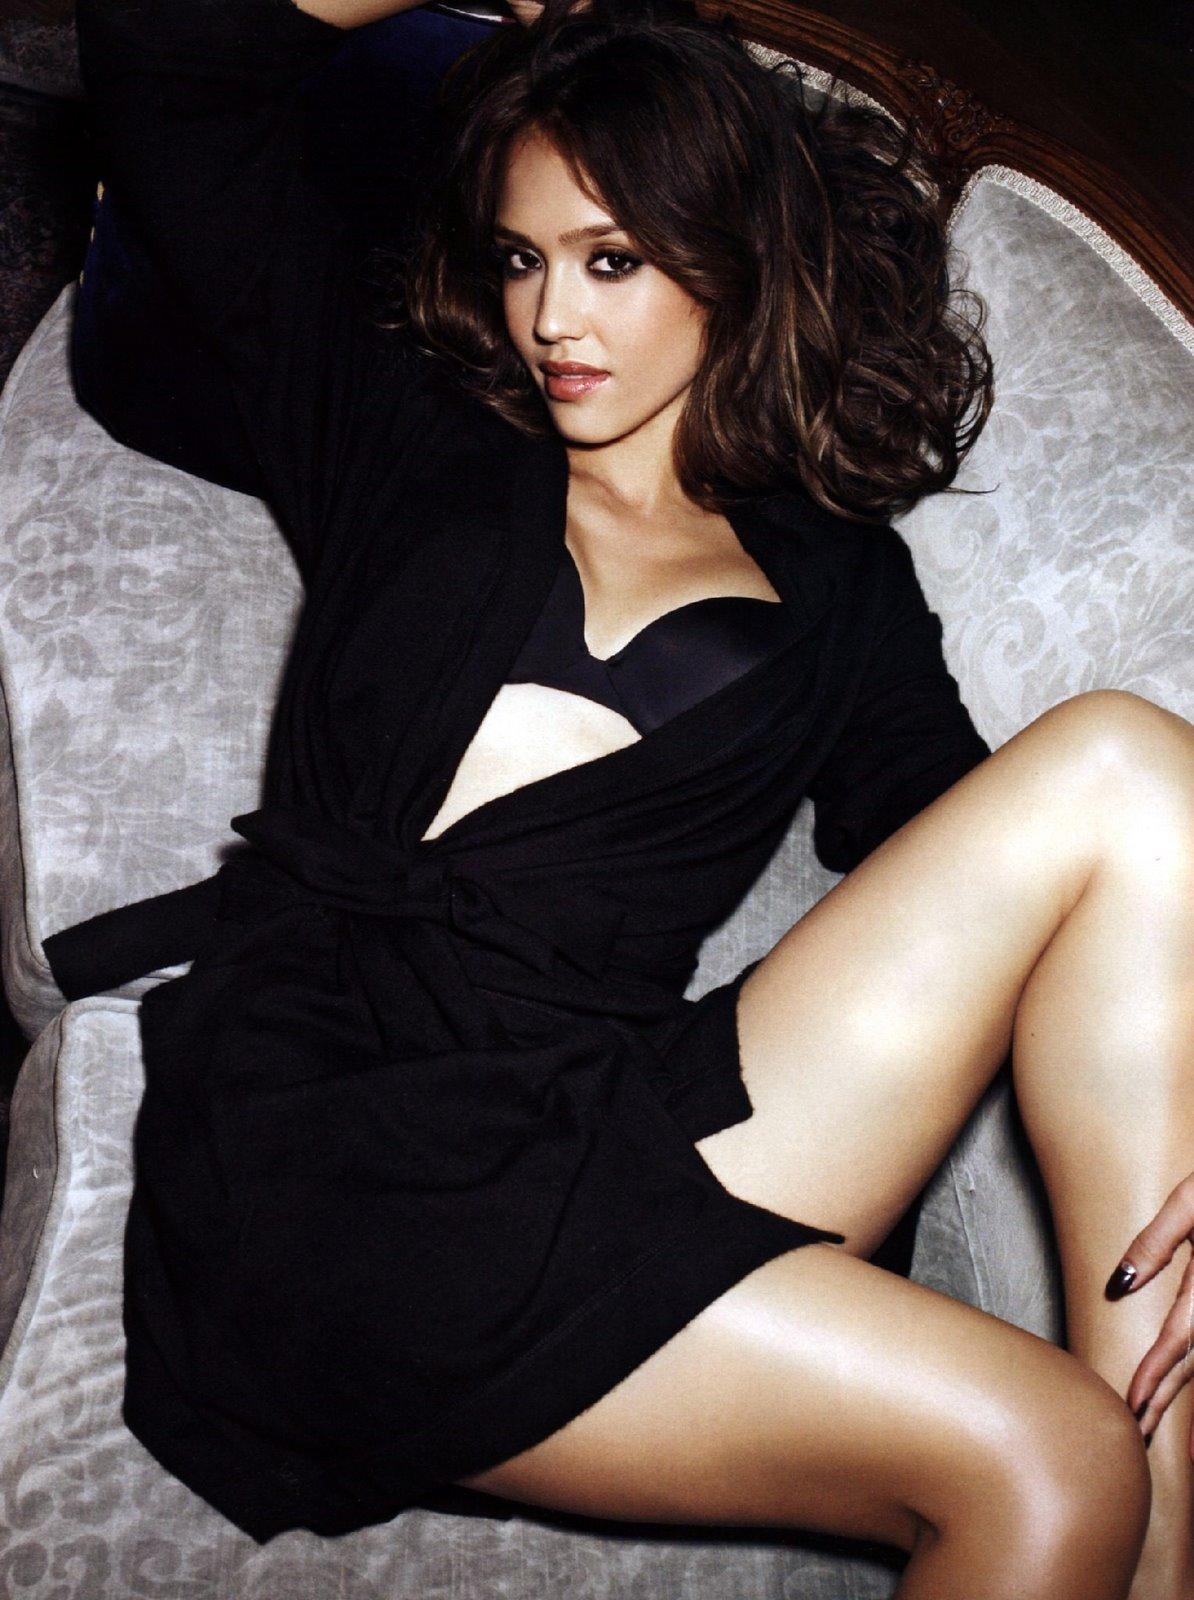 Wallpaper World: Jessica Alba Hot photo of Tight Body